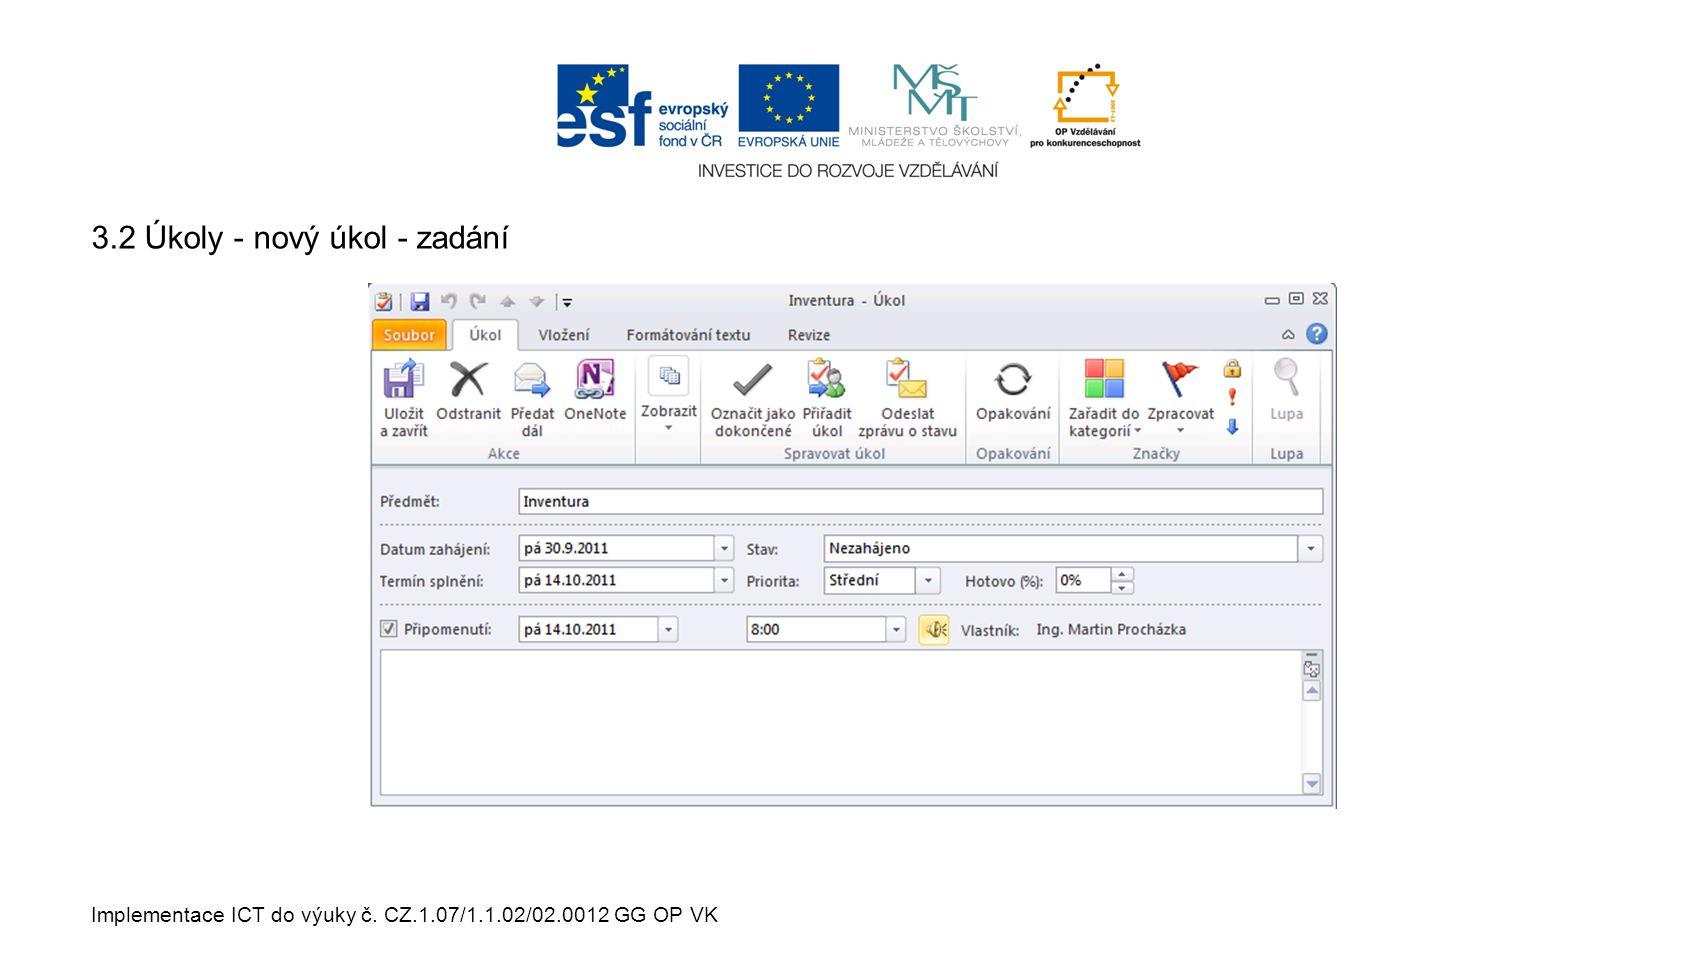 Implementace ICT do výuky č. CZ.1.07/1.1.02/02.0012 GG OP VK 3.2 Úkoly - nový úkol - zadání